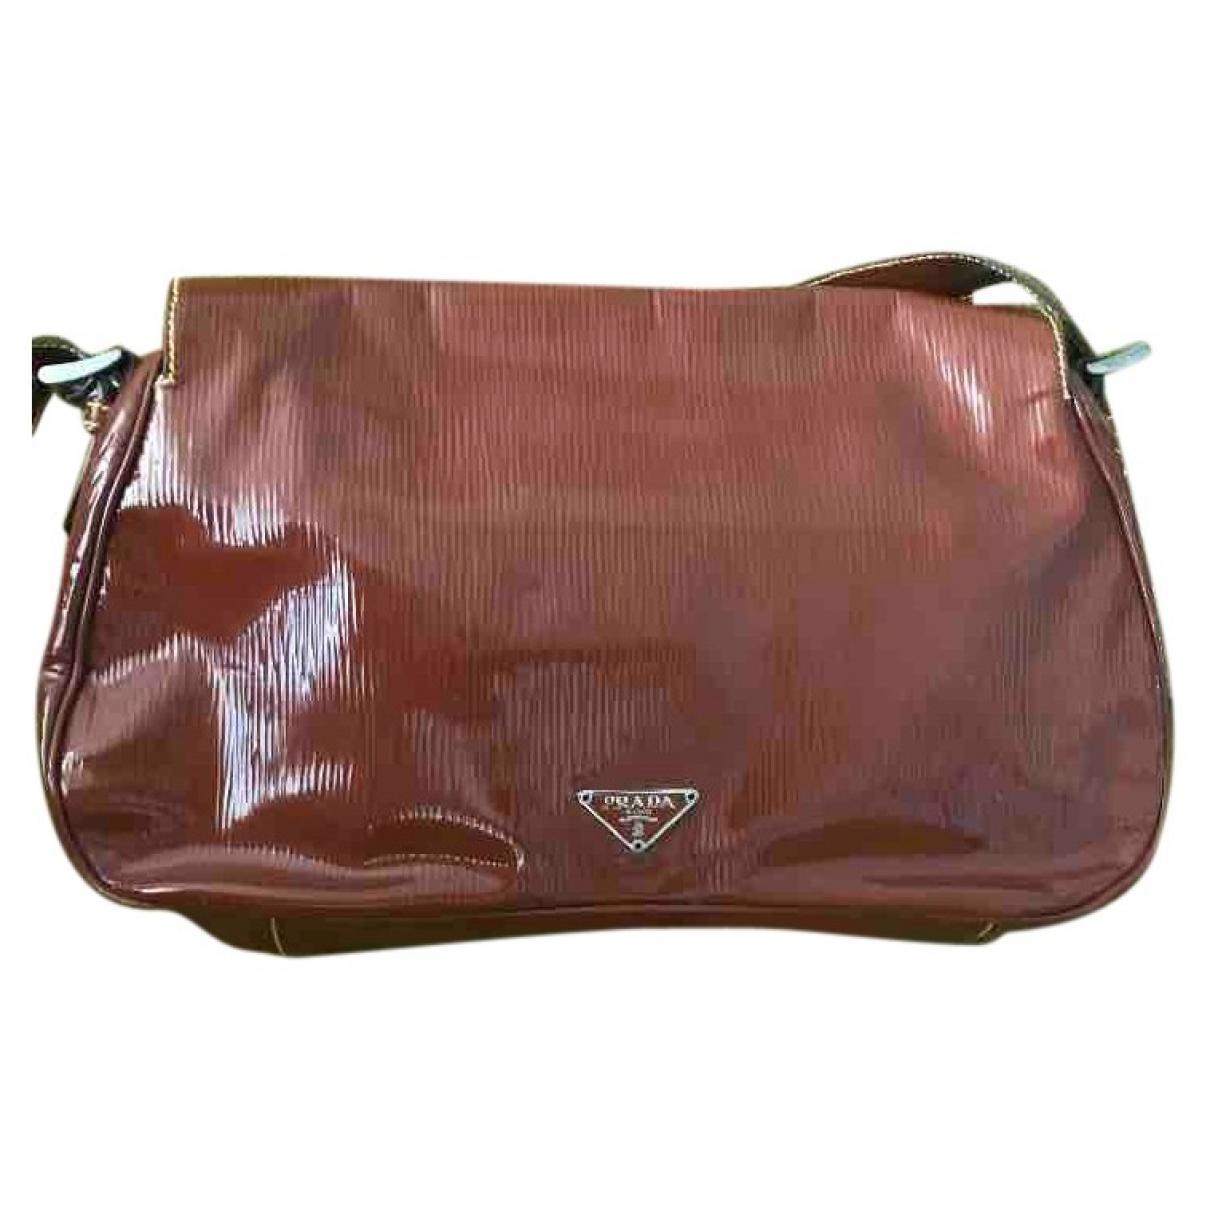 Prada \N Handtasche in  Braun Lackleder